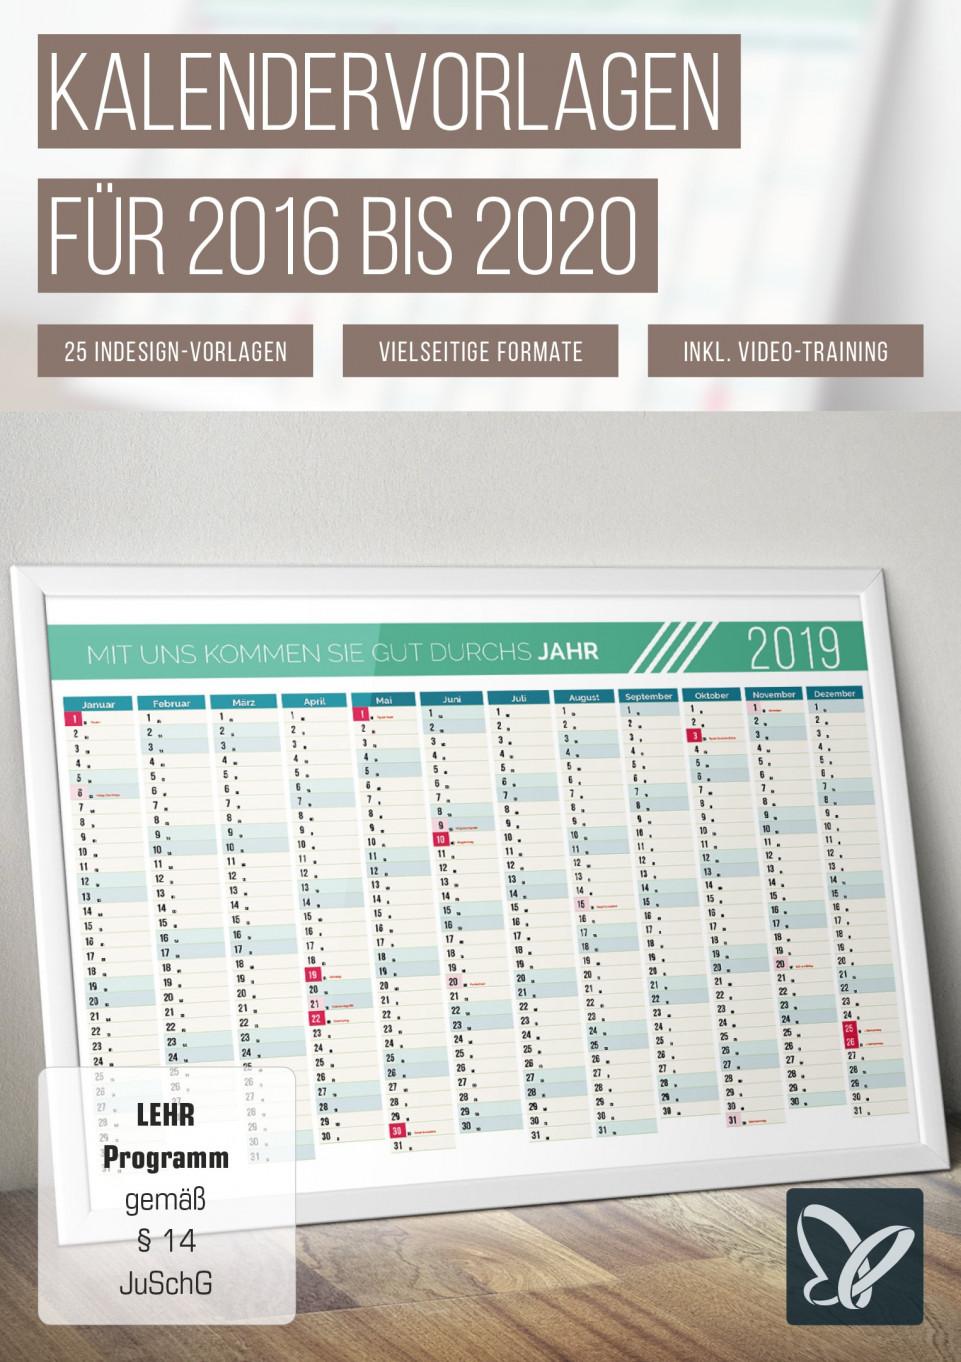 Umfassendes Paket mit Kalendervorlagen 2016 bis 2020